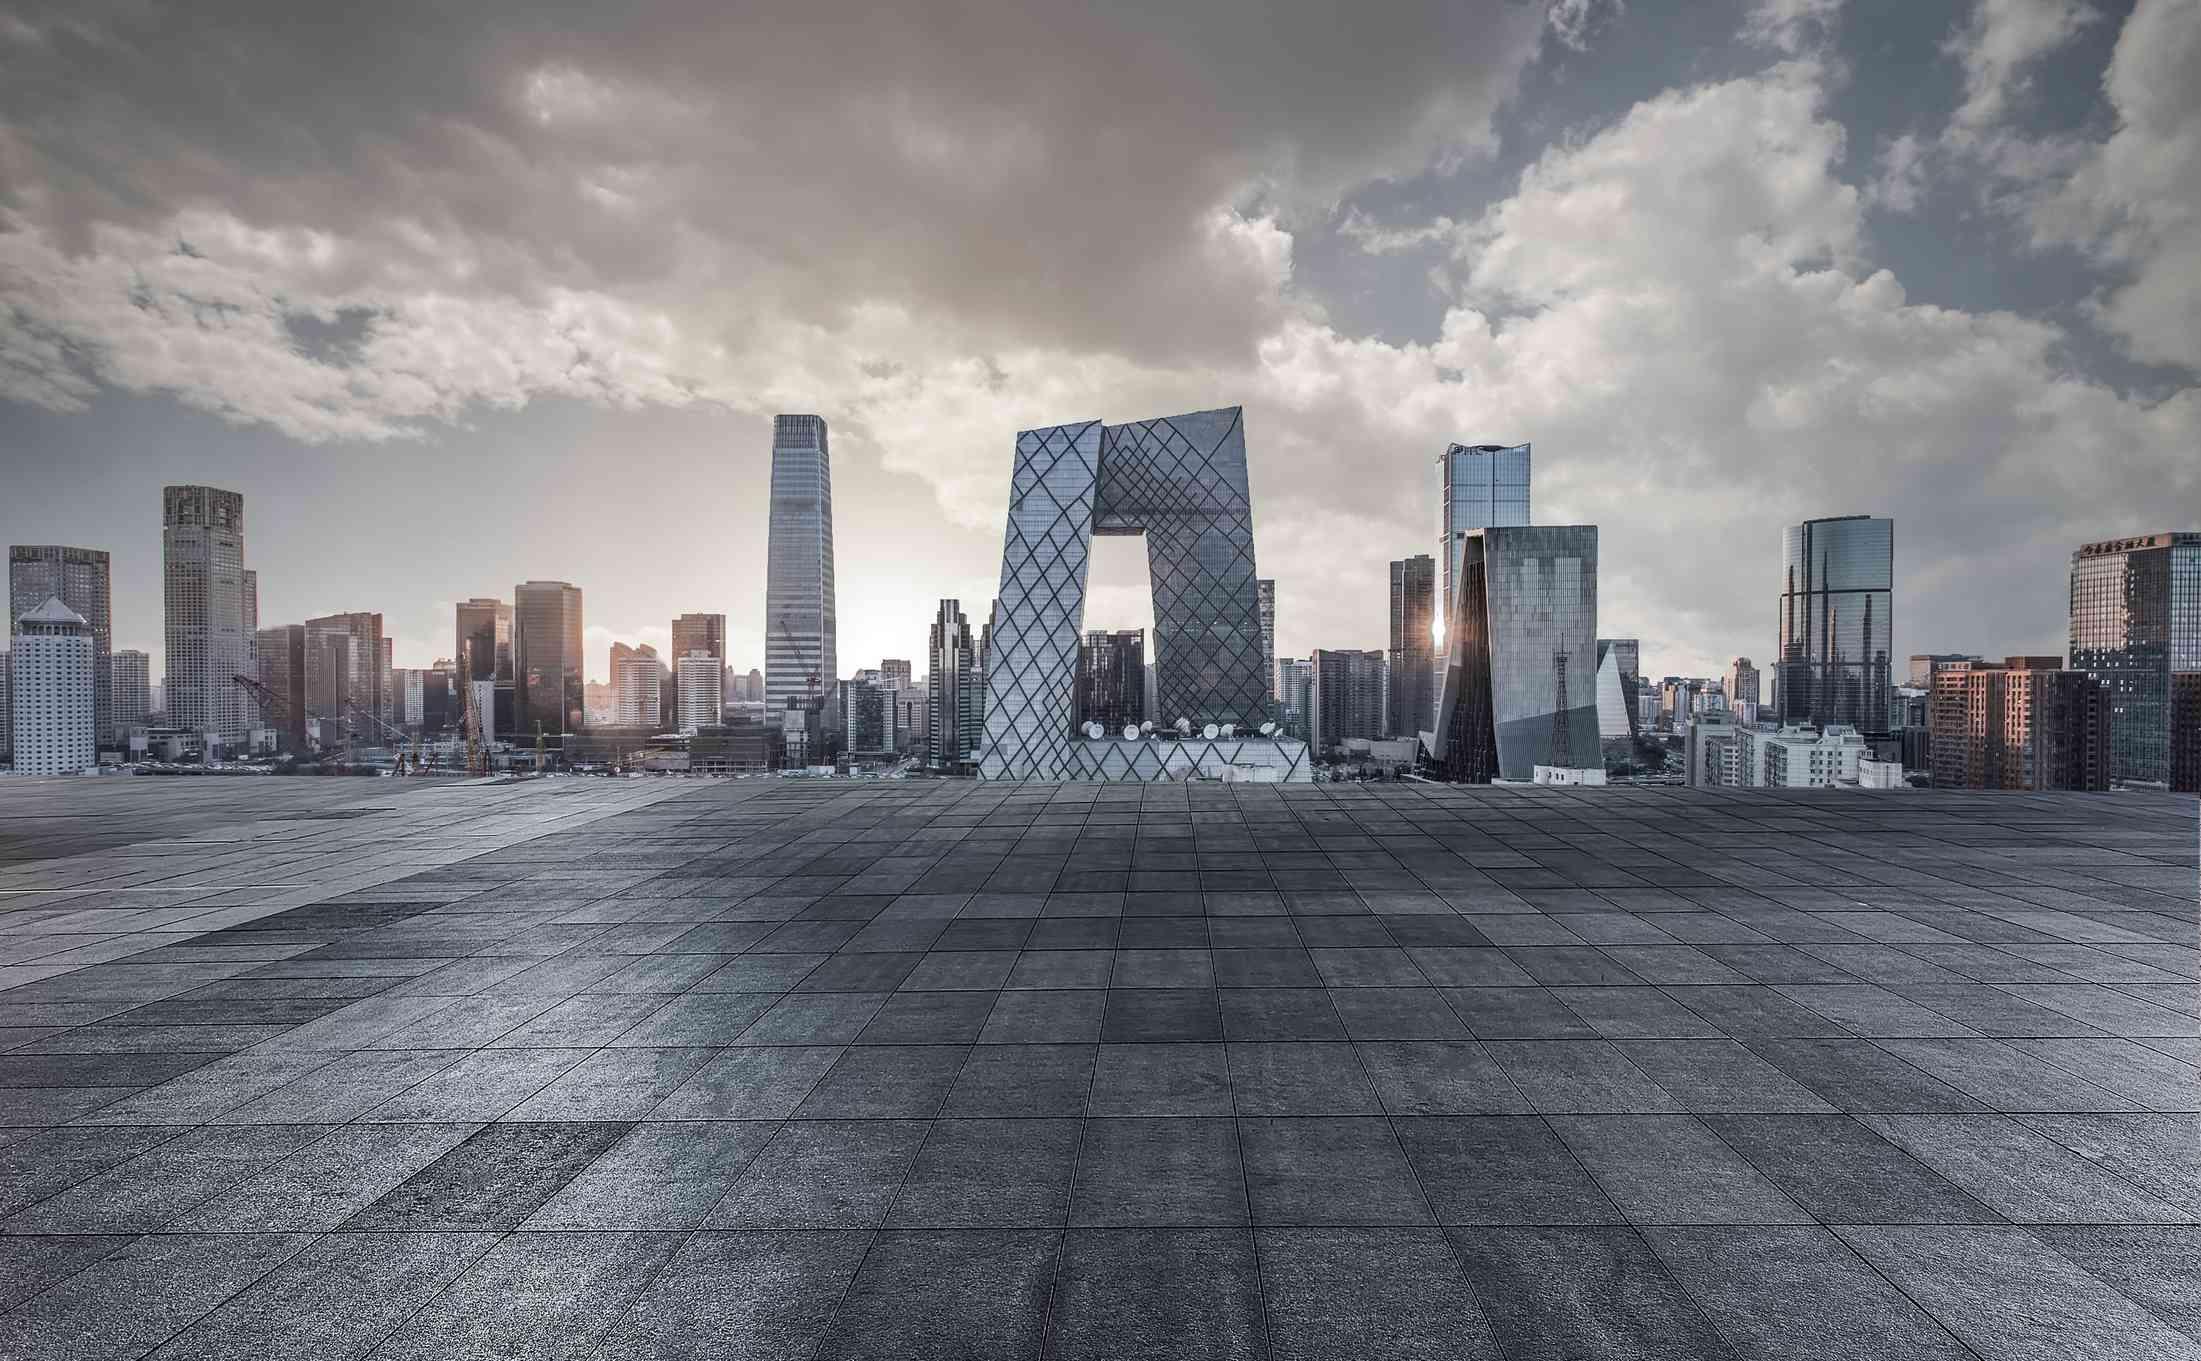 Beijing's CBD